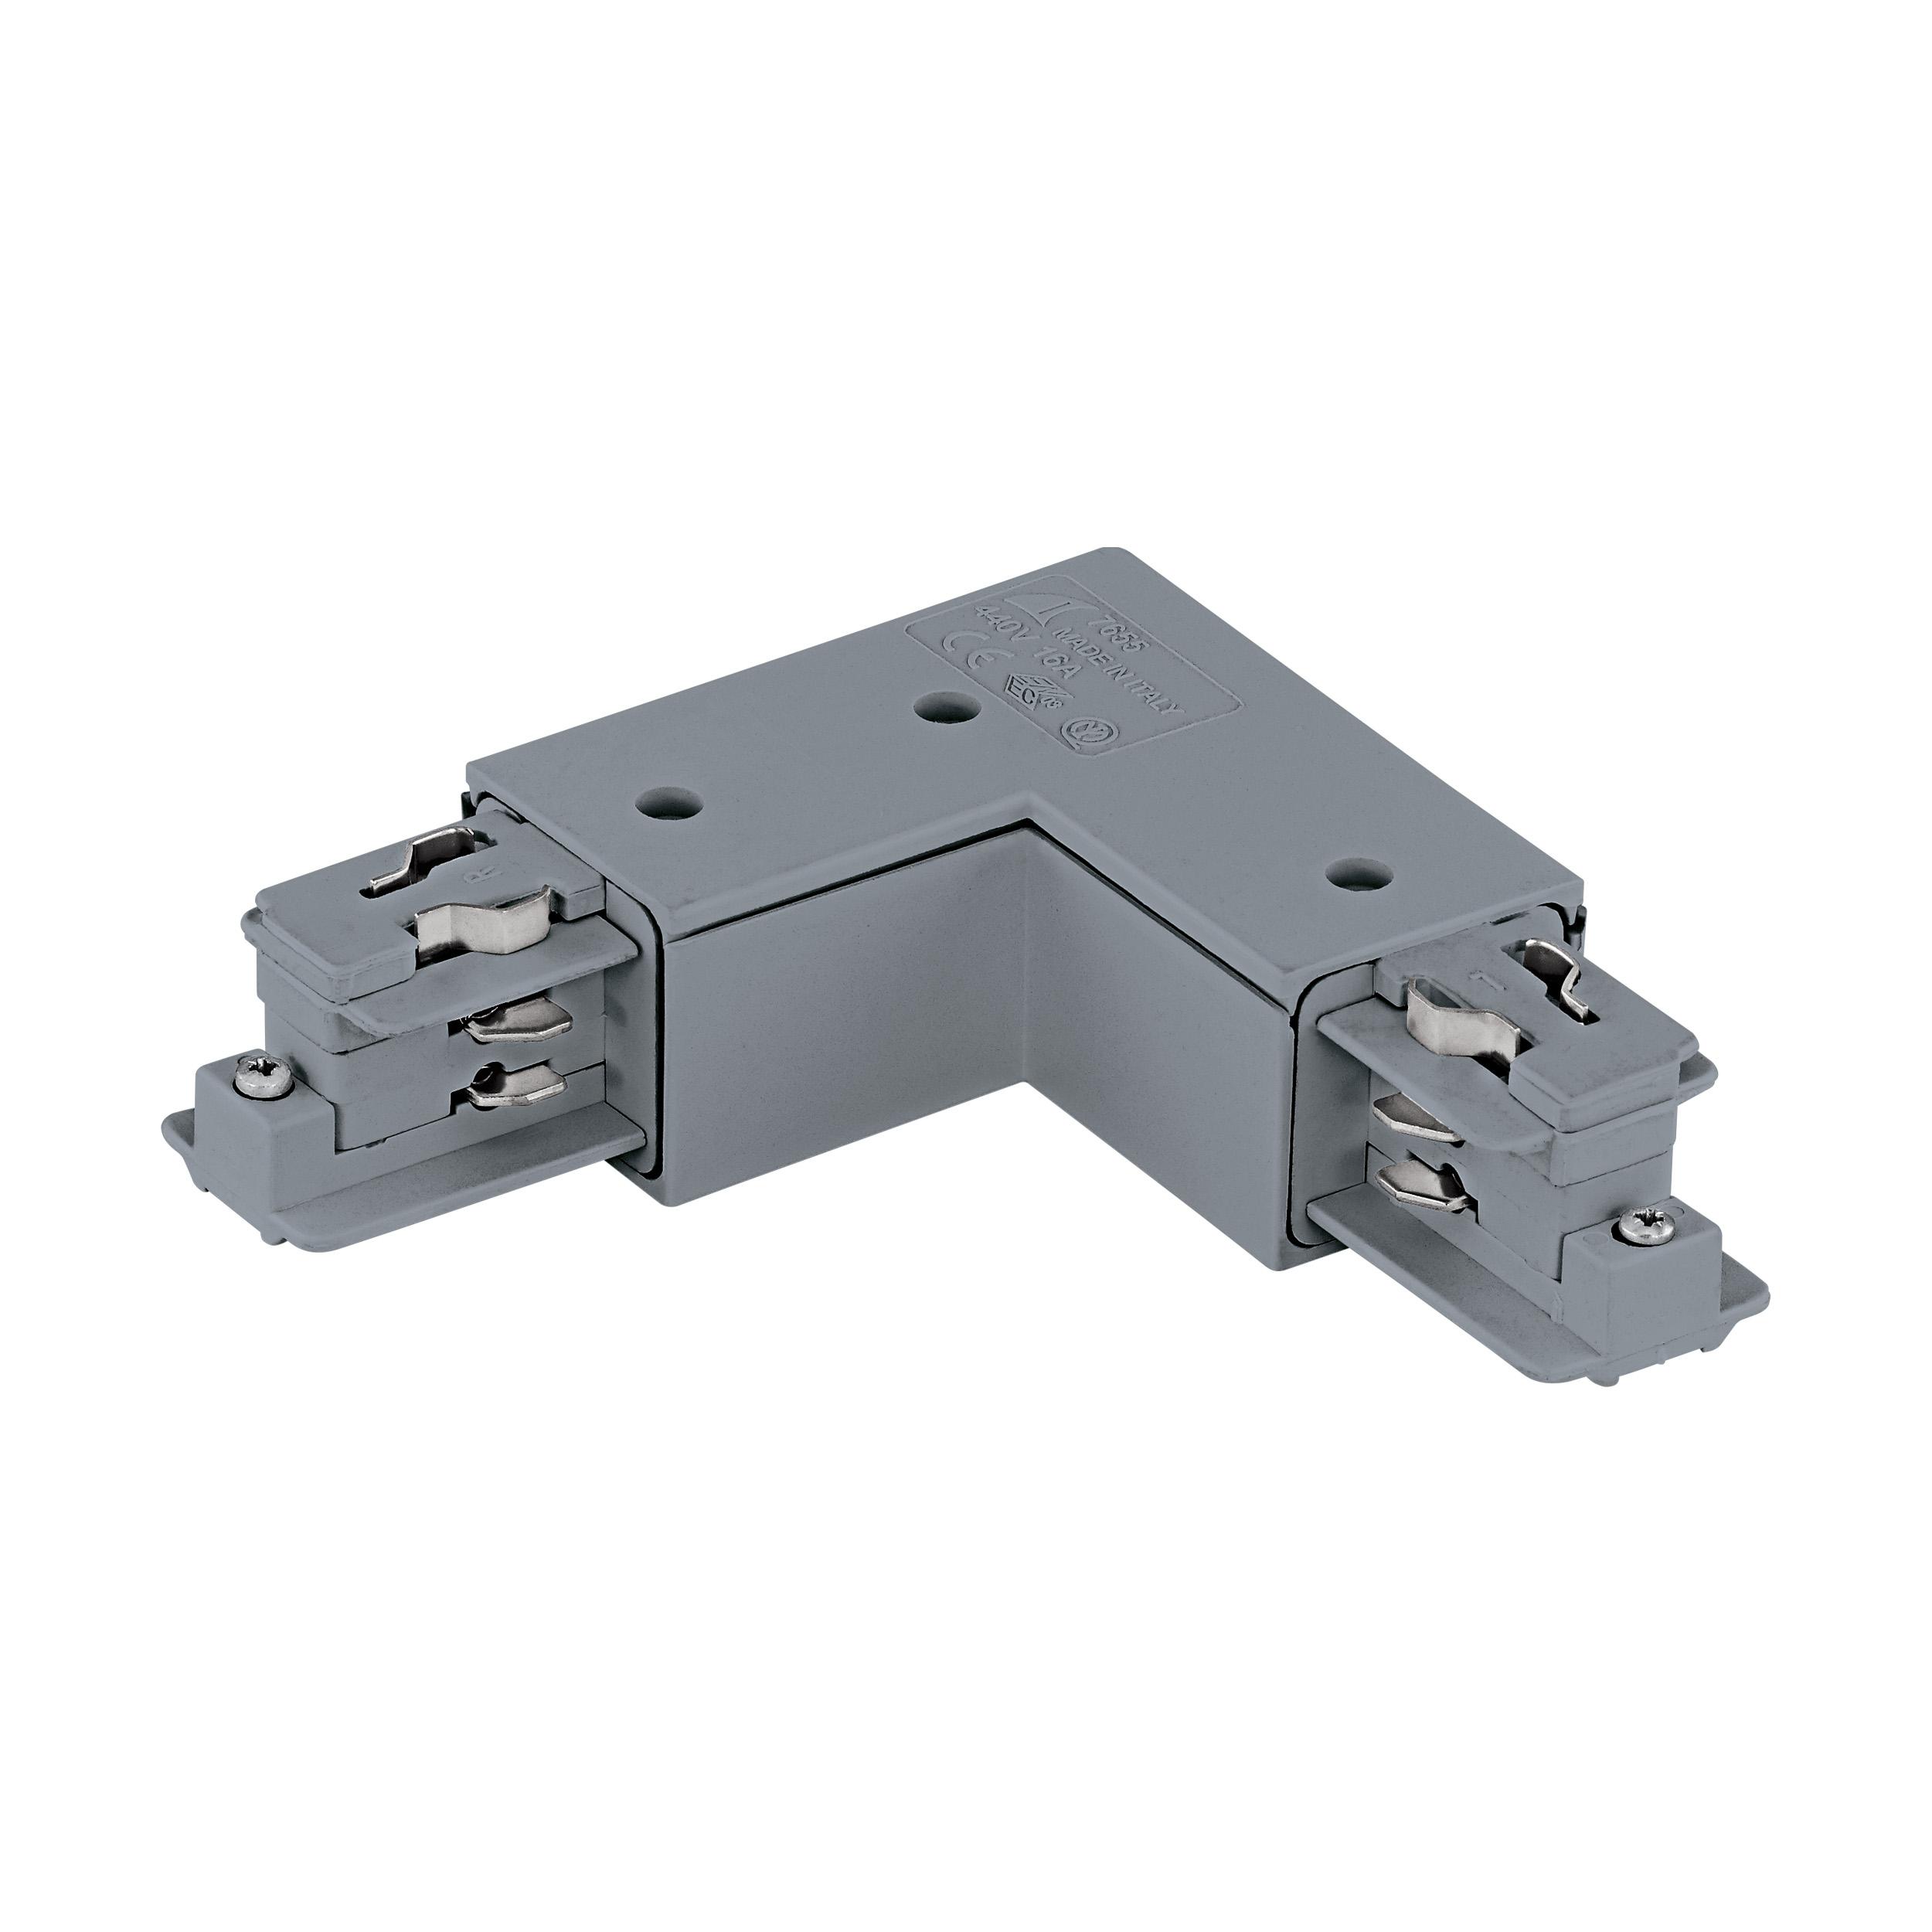 1 Stk 3-Phasen 90° Verbinder Aufbau, Kunststoff, innen silber LI60117---